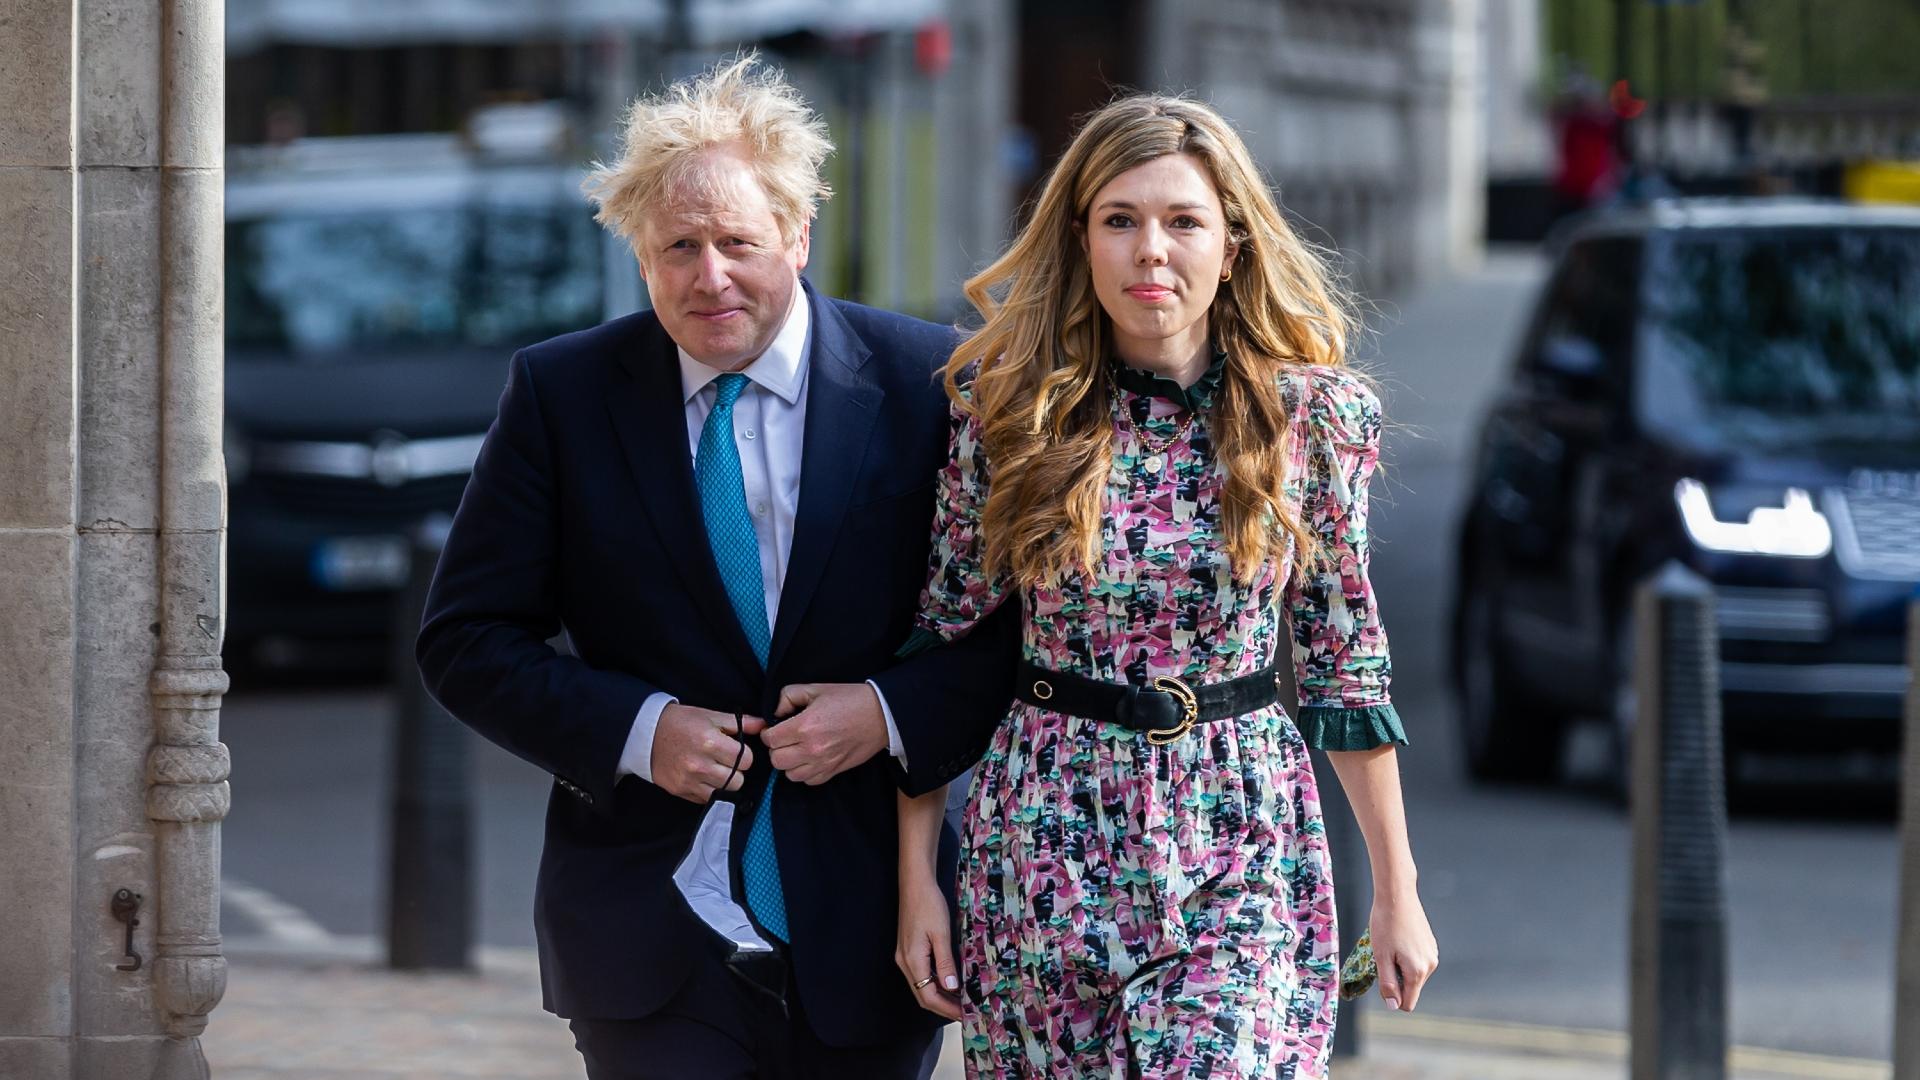 Boris Johnson e Carrie Symonds se casaram em cerimônia secreta em Londres